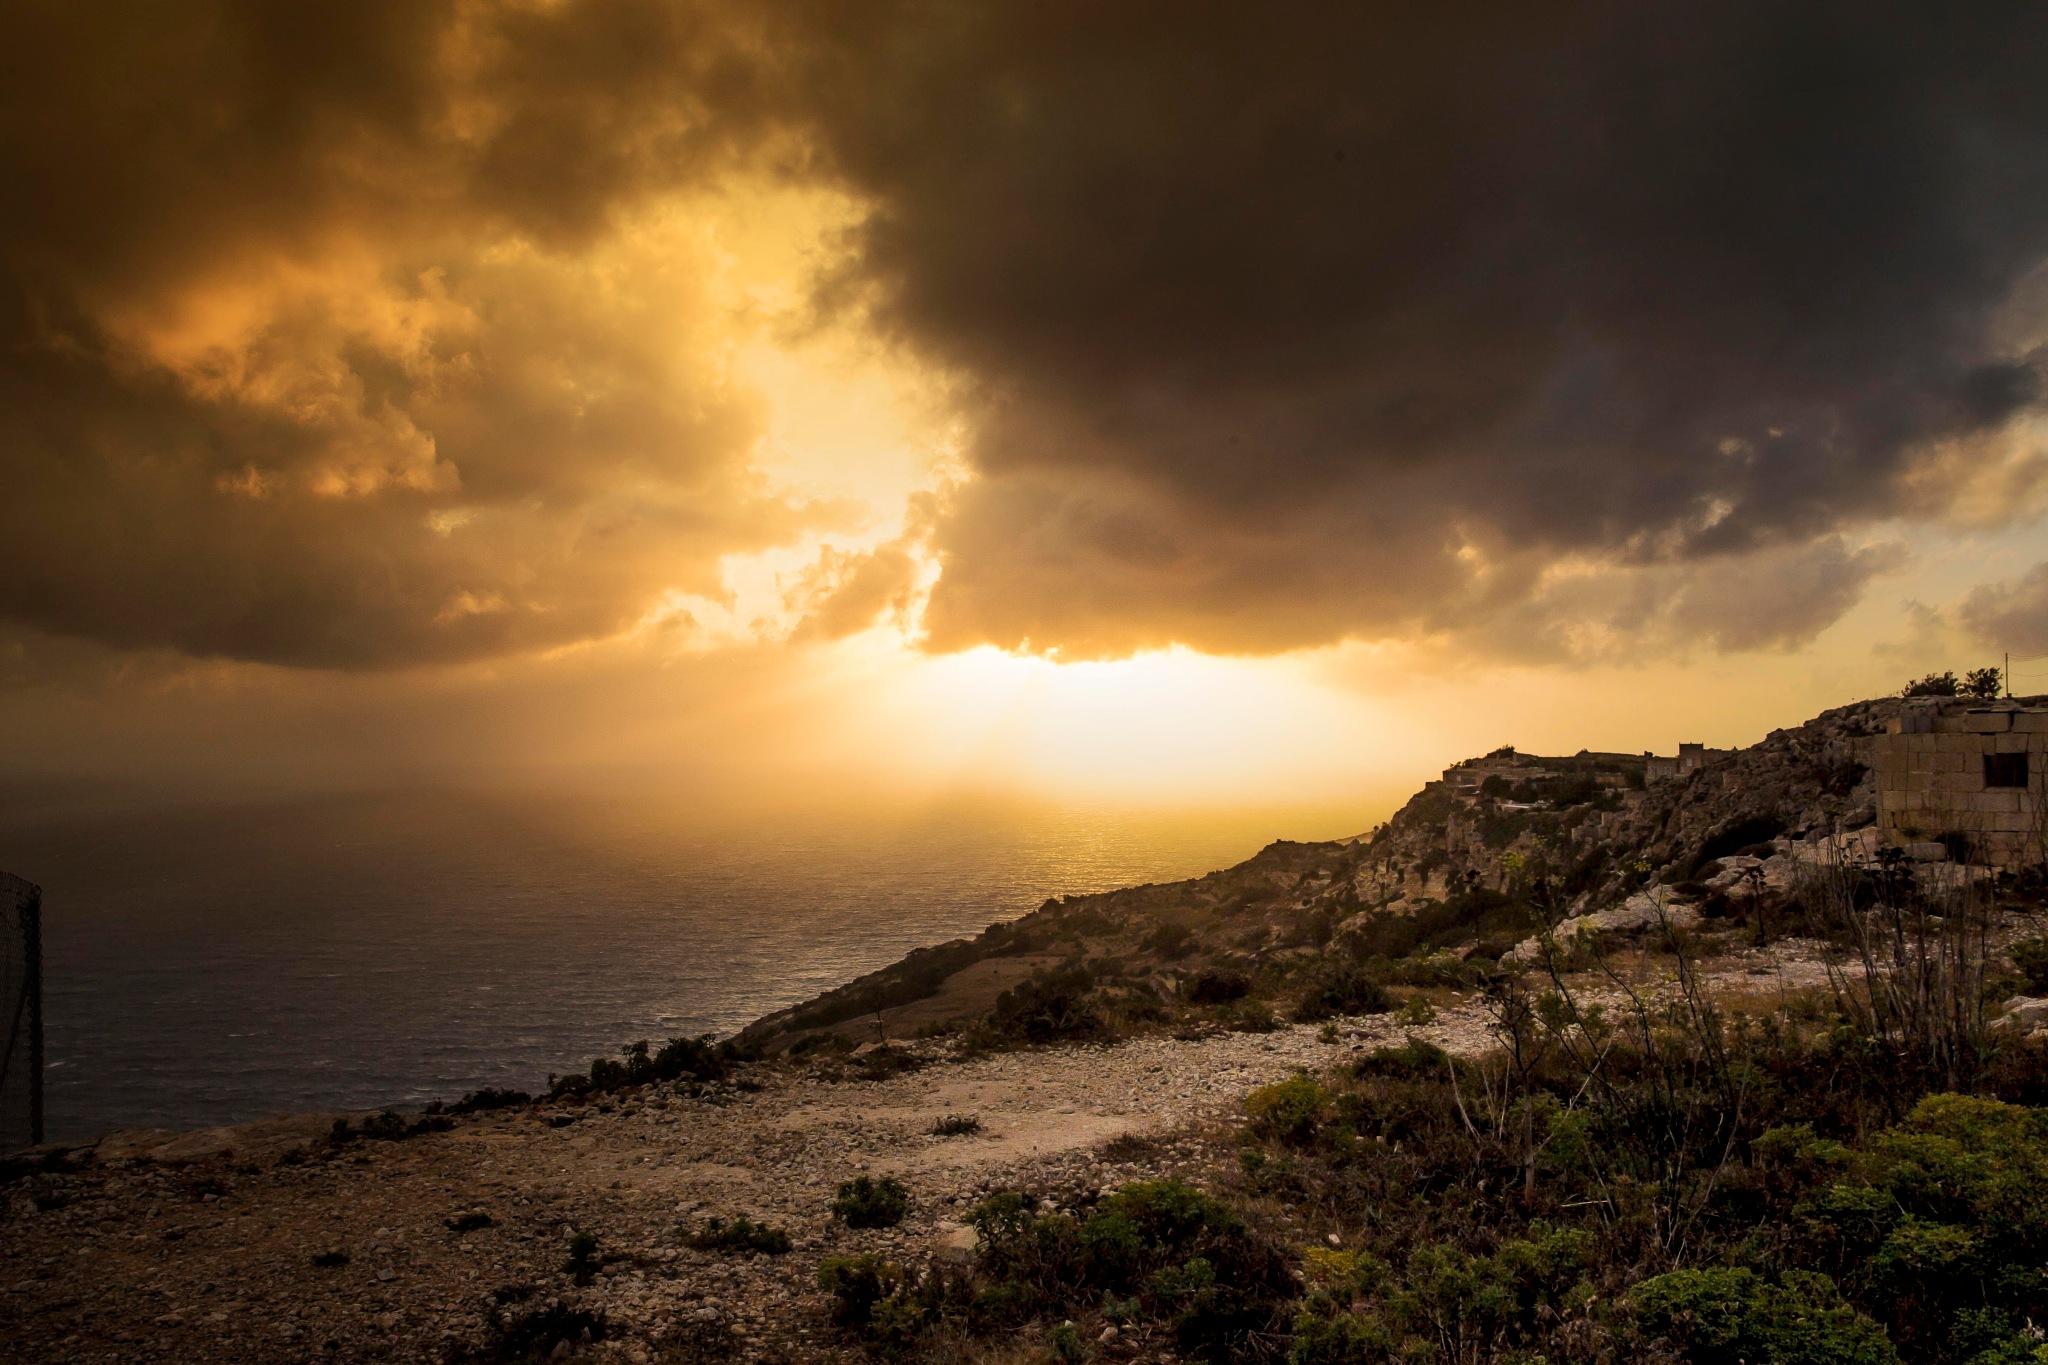 Sunset over Dingli, Mk2 by Steven Vallis